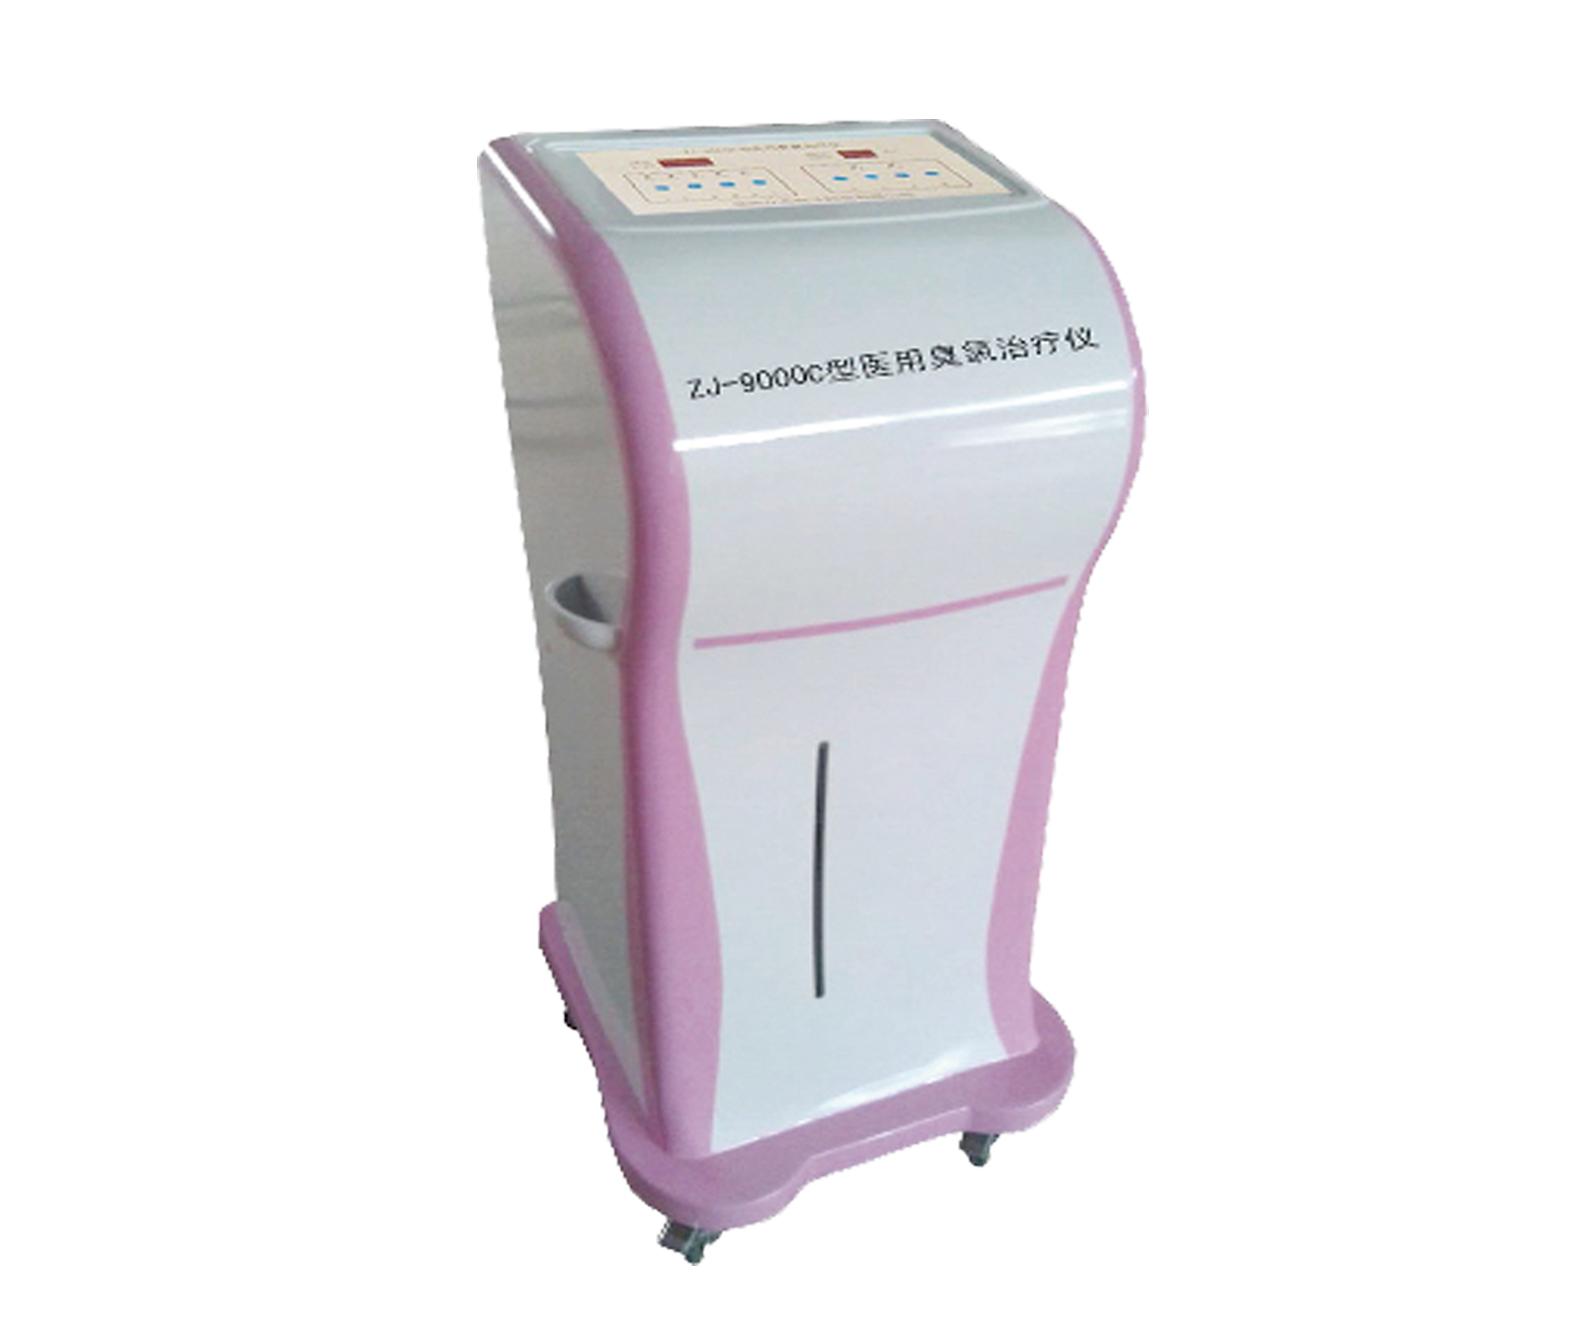 首创 型臭氧(五合一)/妇科臭氧治疗仪/臭氧、雾化、冲洗、自动加热